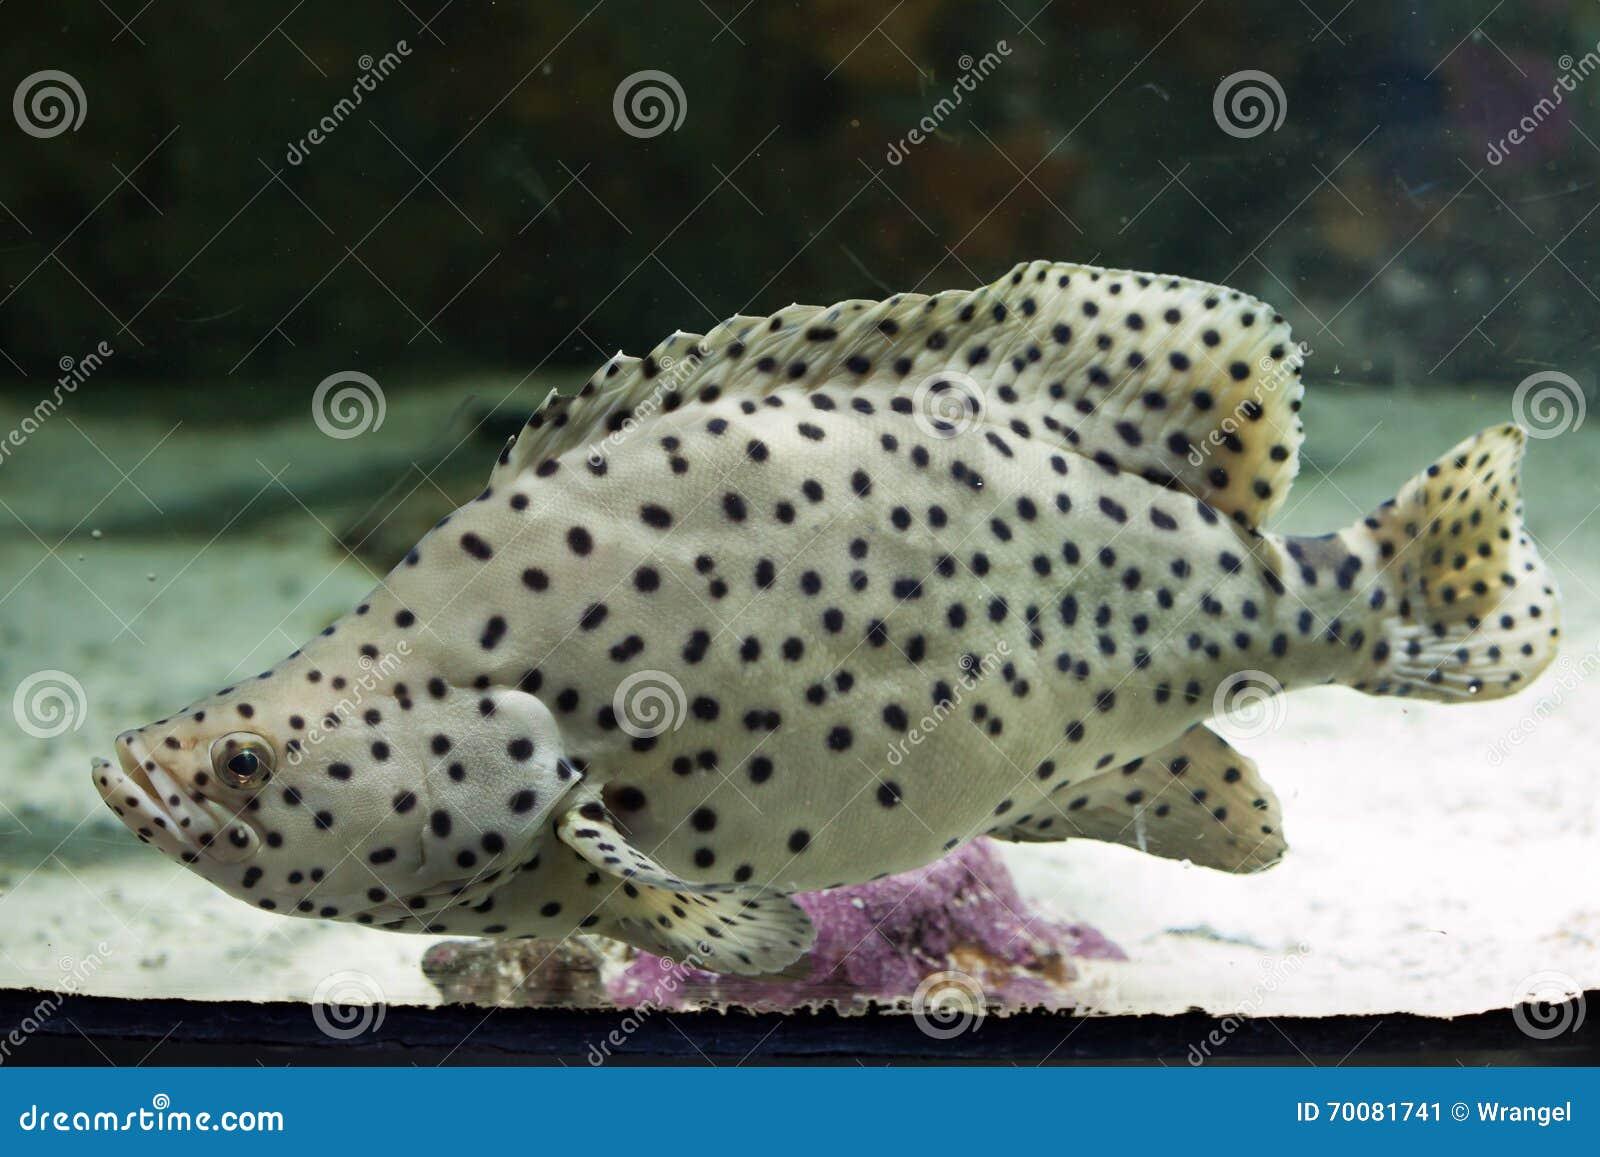 Humpback grouper (Cromileptes altivelis)